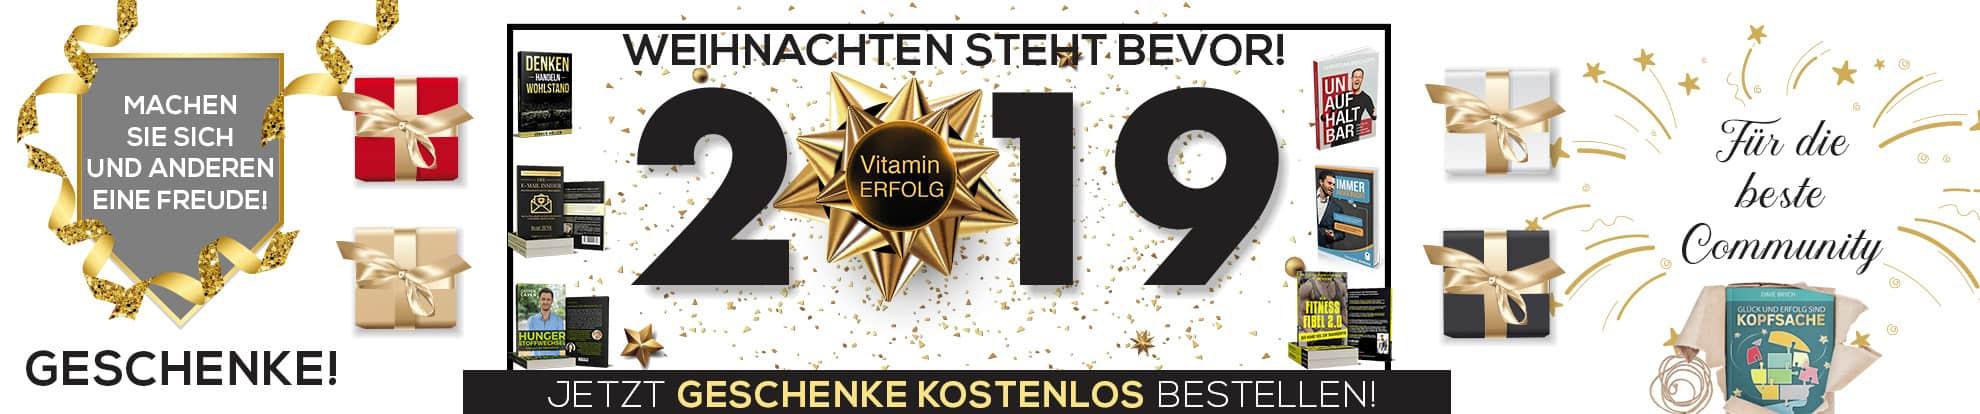 Dezember Vorweihnachten Banner Vitaminerfolg Kostenlose Bücher Gratis Bücher bestellen_1